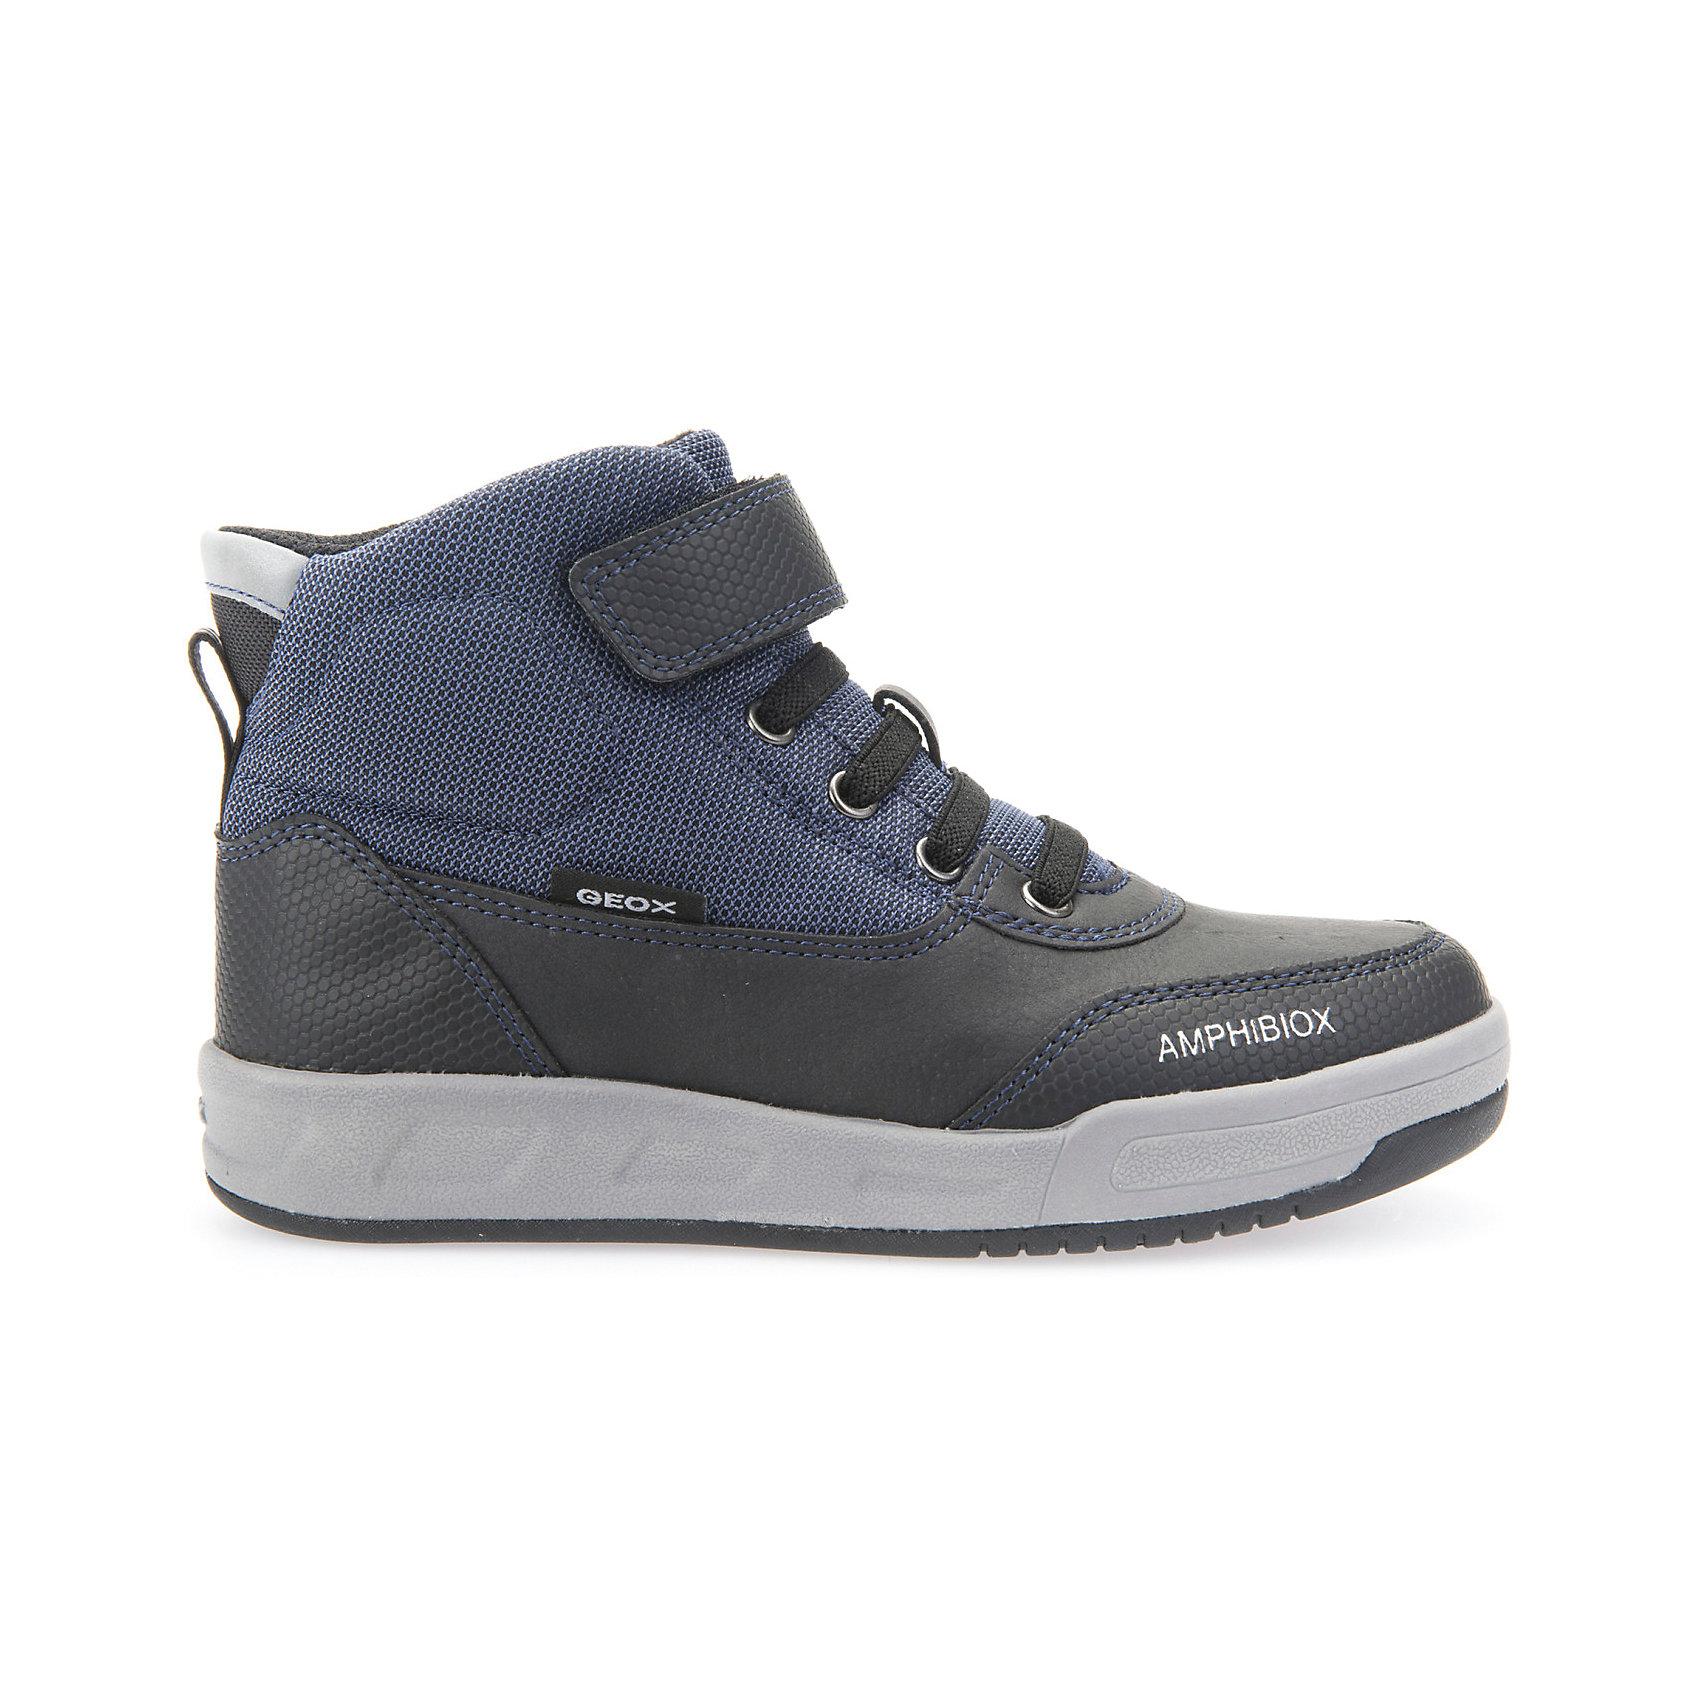 Ботинки для мальчика GEOXБотинки<br>Стильные ботинки для мальчика от знаменитого итальянского бренда взрослой и детской одежды и обуви GEOX (Геокс). Ботинки представлены в классическом темно-синем цвете, который отлично сочетается с черными деталями отделки и серой подошвой. Идеальные ботинки на каждый день имеют все необходимое для удобства и комфорта ребенка. Разработанная технология подошвы ботинок не позволяет им скользить, отлично амортизирует шаги и позволяет стопе дышать. Мягкая подошва отлично гнется, обеспечивая безопасность шагов, поддерживая стопу и оставляя свободу движения. Эргономичная войлочная стелька и высокий задник хорошо фиксируют голеностоп и удобны в носке. Внутренний материал и практичная застежка на липучках позволяют легко надевать и снимать кроссовки, не заботясь о шнурках. Полуботинки оставляют ноги ребенка сухими, позволяя им дышать. Рекомендованы на сезон осень-весна.<br>Дополнительная информация:<br>- Состав:<br>верх: синтетика <br>подкладка:  текстиль <br>стелька:  войлок<br>подошва: резина<br>Ботинки для мальчика GEOX (Геокс) можно купить в нашем магазине.<br>Подробнее:<br>• Для детей в возрасте: от 5 до 12 лет<br>• Номер товара: 5007913<br>Страна производитель: Вьетам<br><br>Ширина мм: 257<br>Глубина мм: 180<br>Высота мм: 130<br>Вес г: 420<br>Цвет: черный<br>Возраст от месяцев: 108<br>Возраст до месяцев: 120<br>Пол: Мужской<br>Возраст: Детский<br>Размер: 33,27,38,37,36,35,34,32,31,30,29,28<br>SKU: 5007913